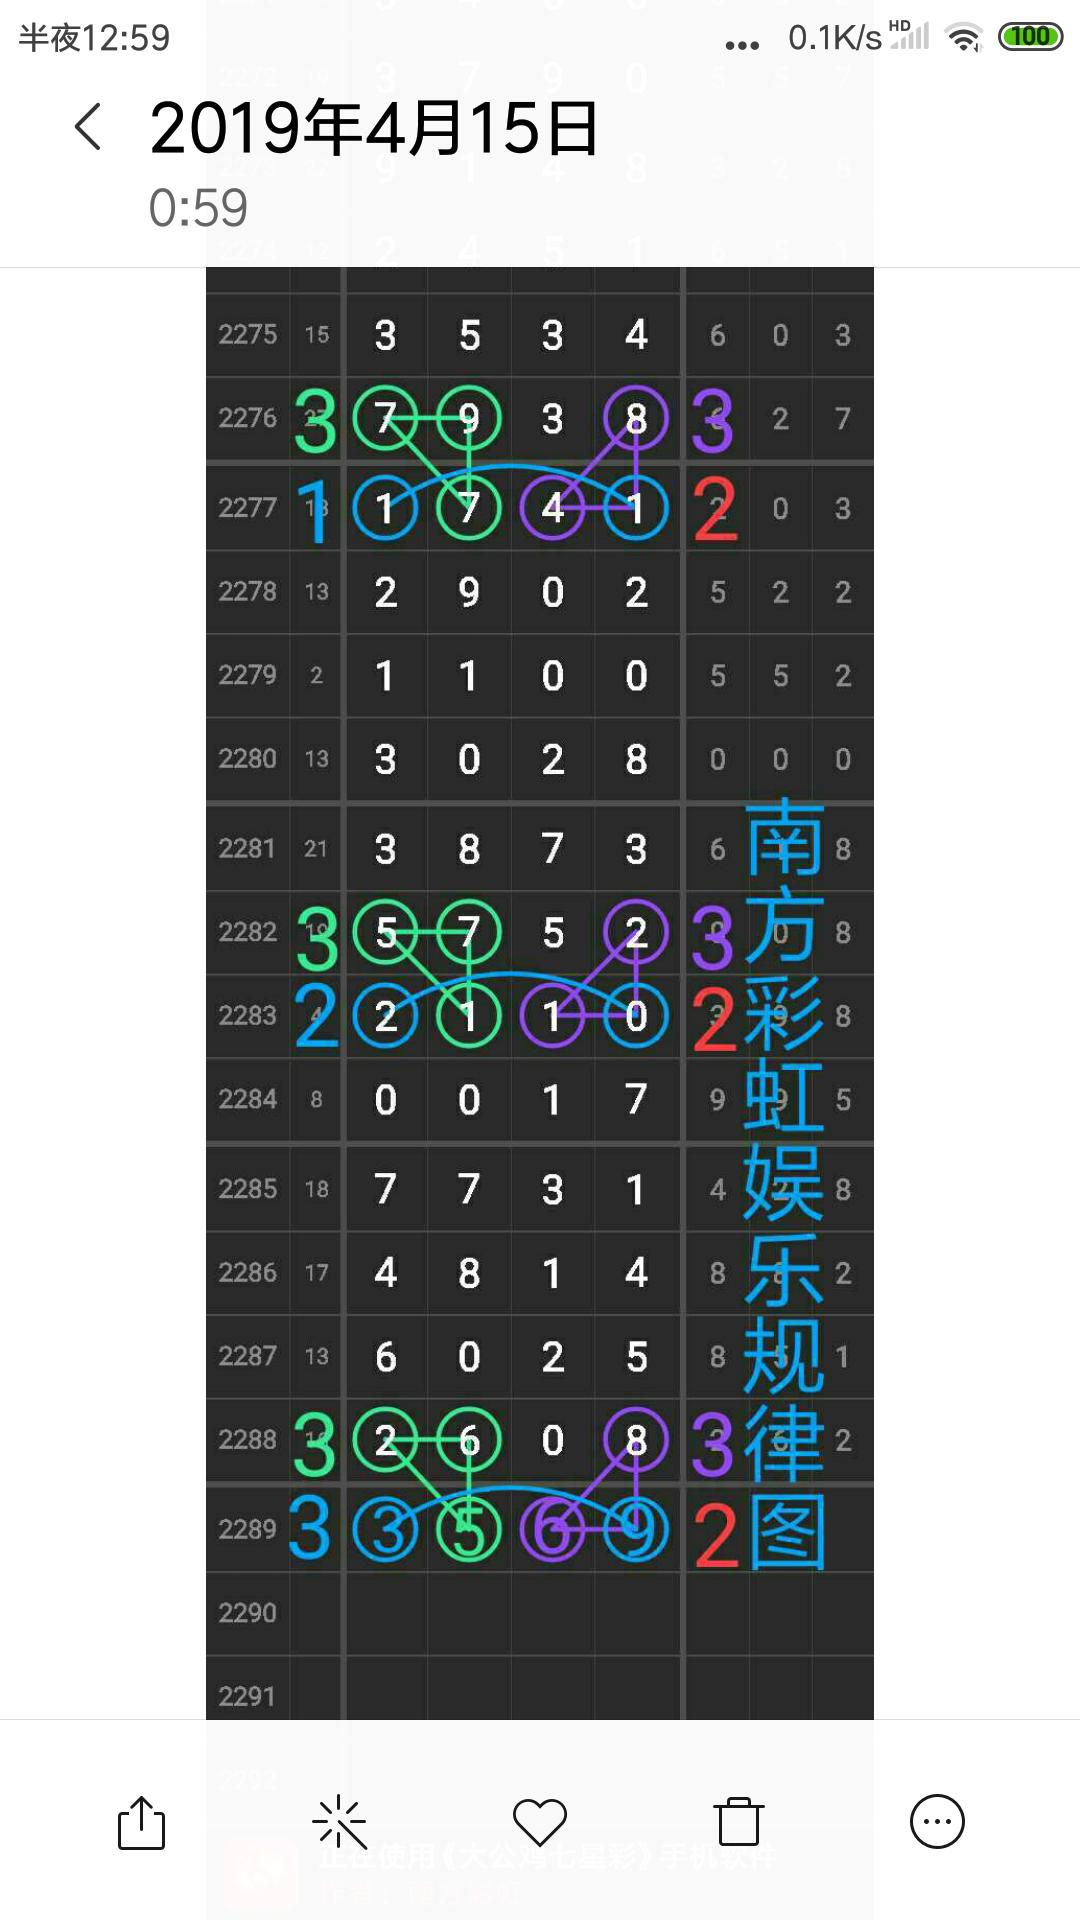 七星彩2289期规律图